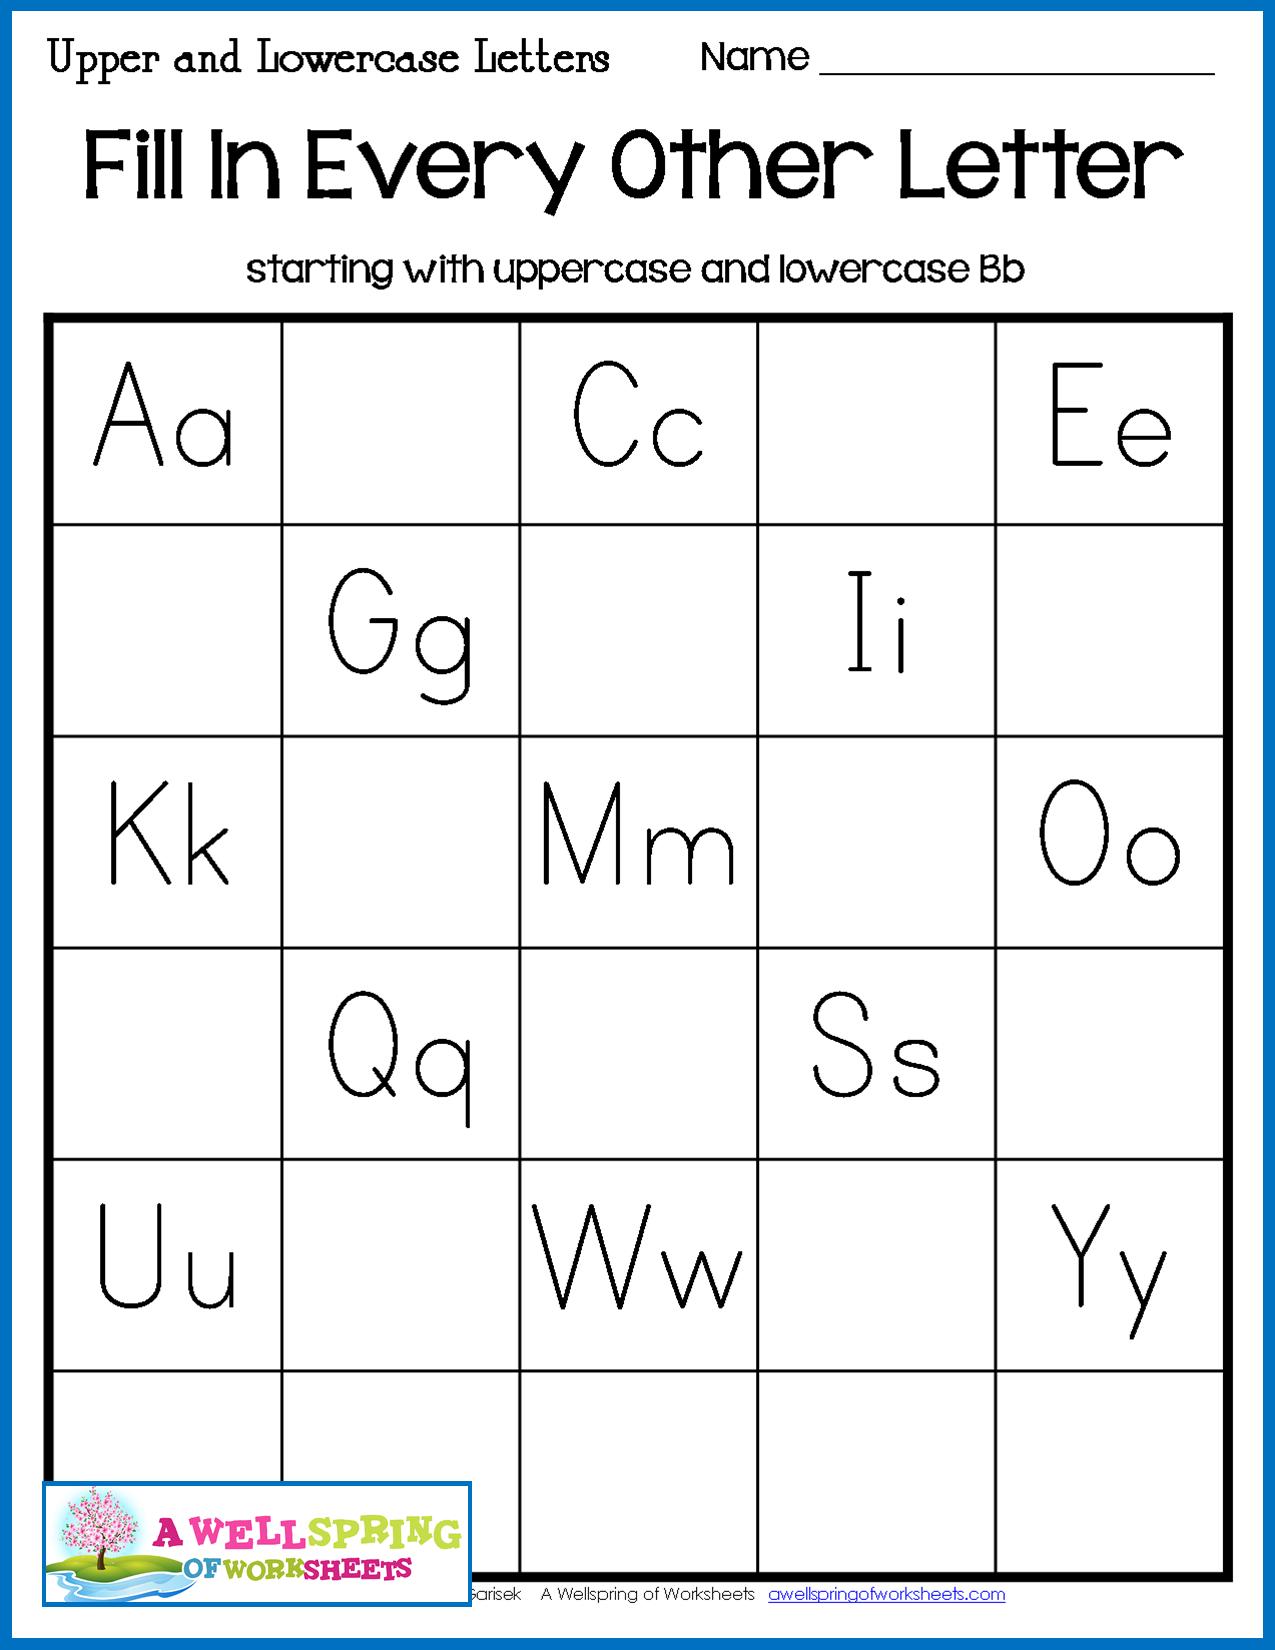 Missing Letters Worksheets | English Worksheets For in Alphabet Worksheets Fill In The Missing Letter